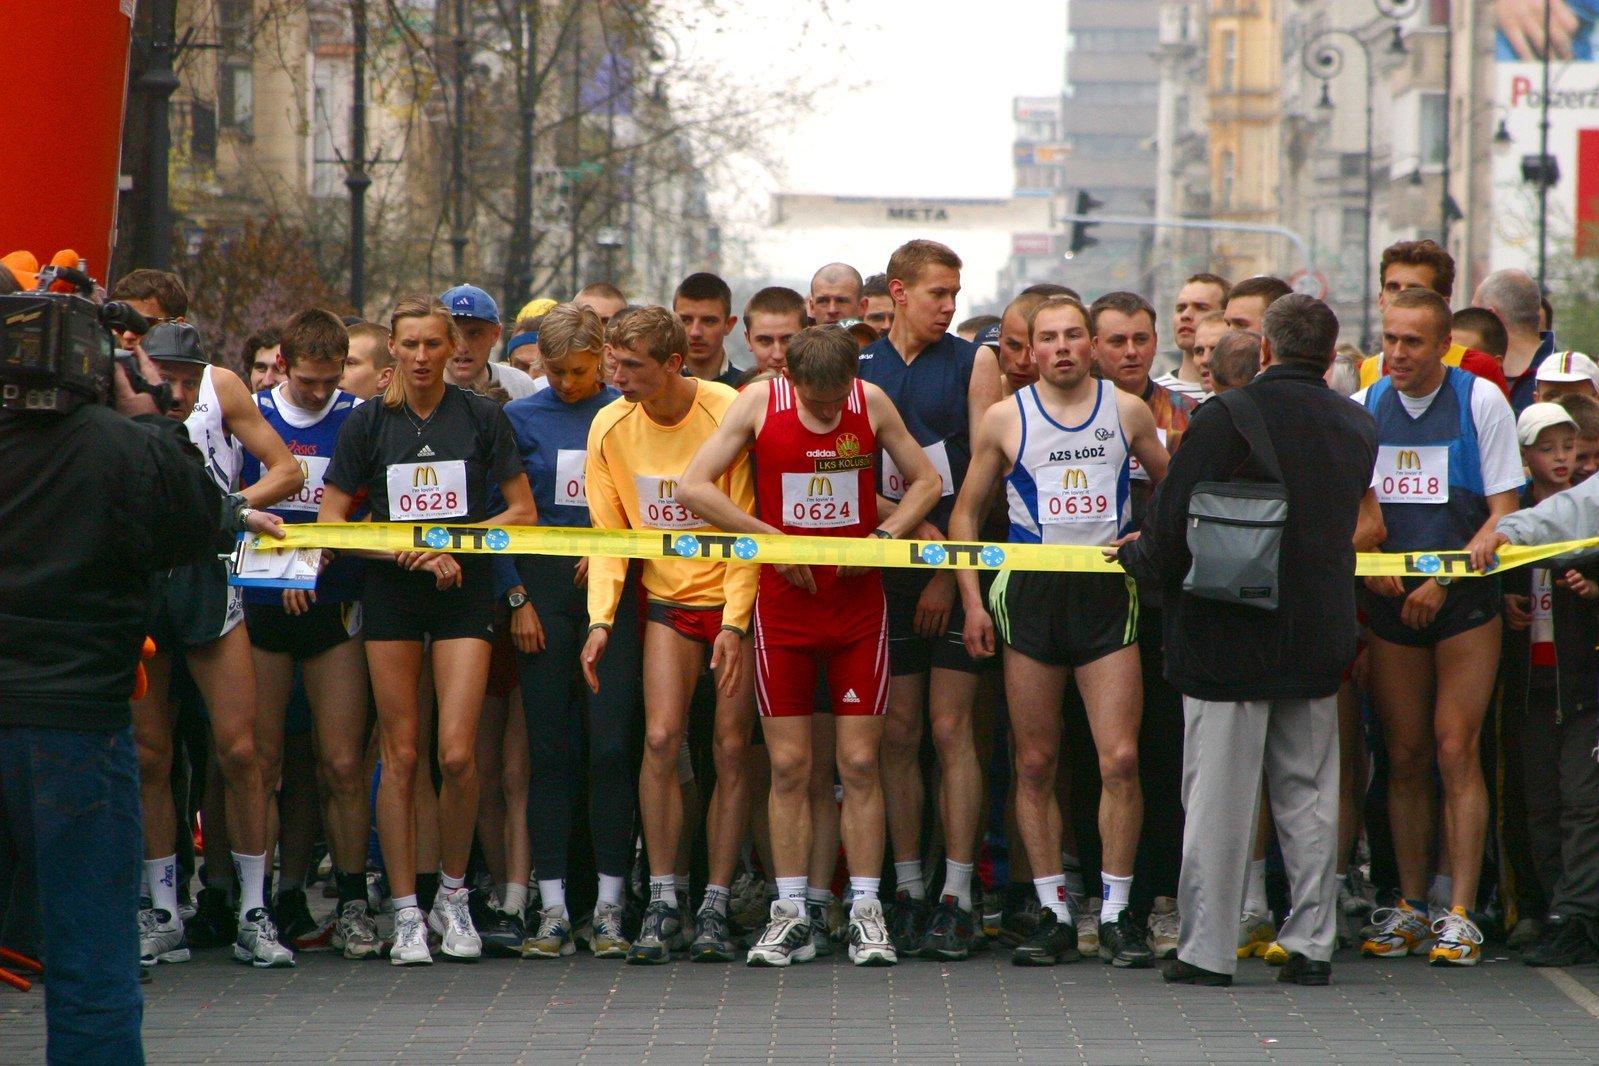 Så Förbereder Du Dig Inför Ett Maraton